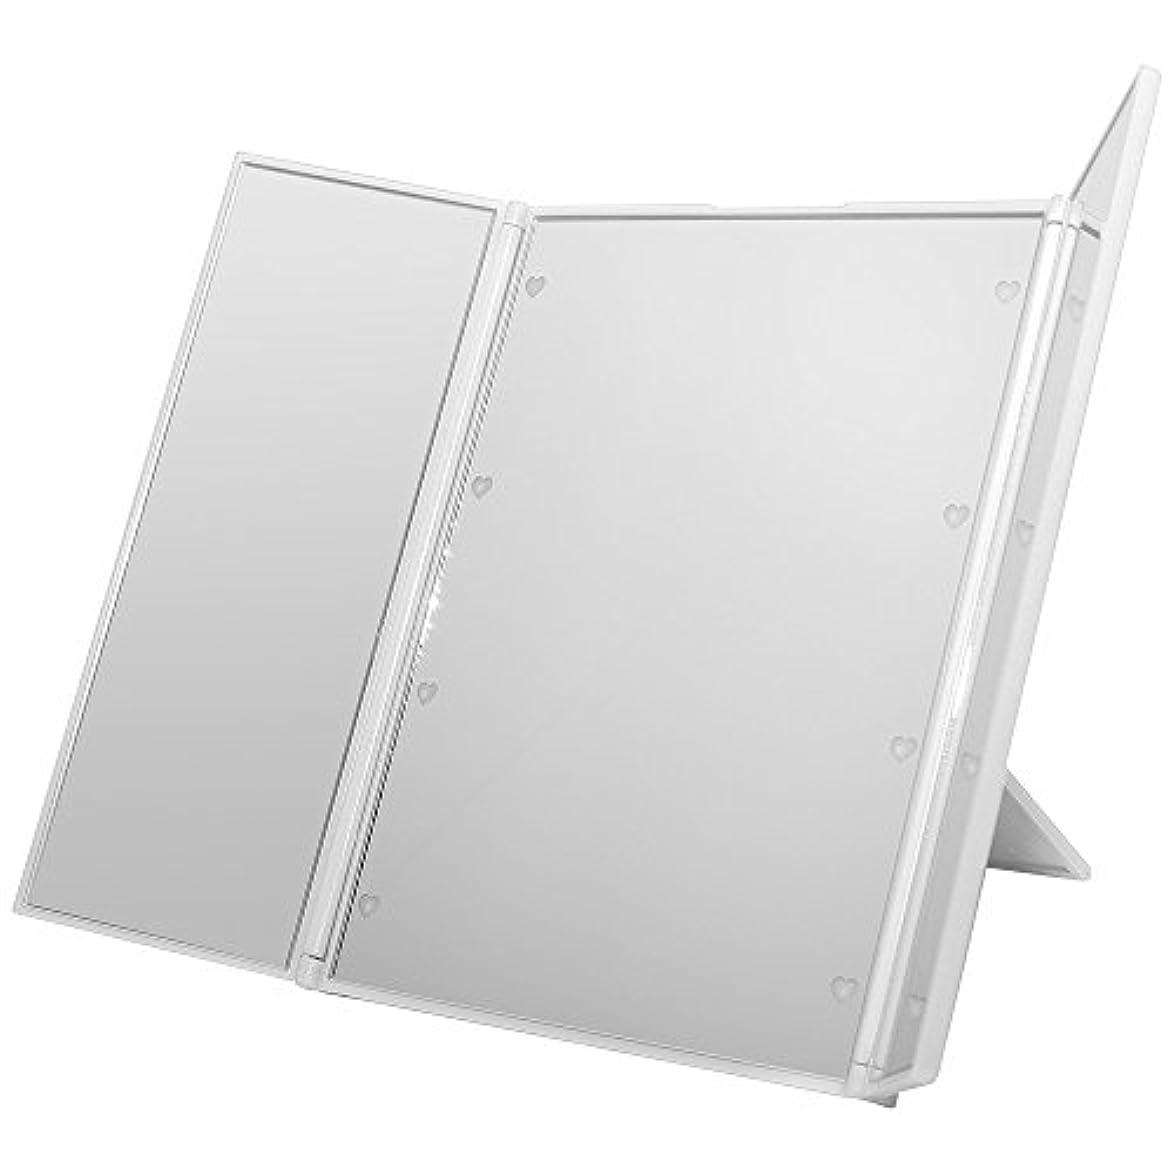 知性値下げ農業のGoodsLand 【 ハート型 LED ライト付 】 卓上 折りたたみ 三面鏡 大型 大きい かわいい スタンド ミラー メイク アップ ブライトニング GD-LED-3MR-WH